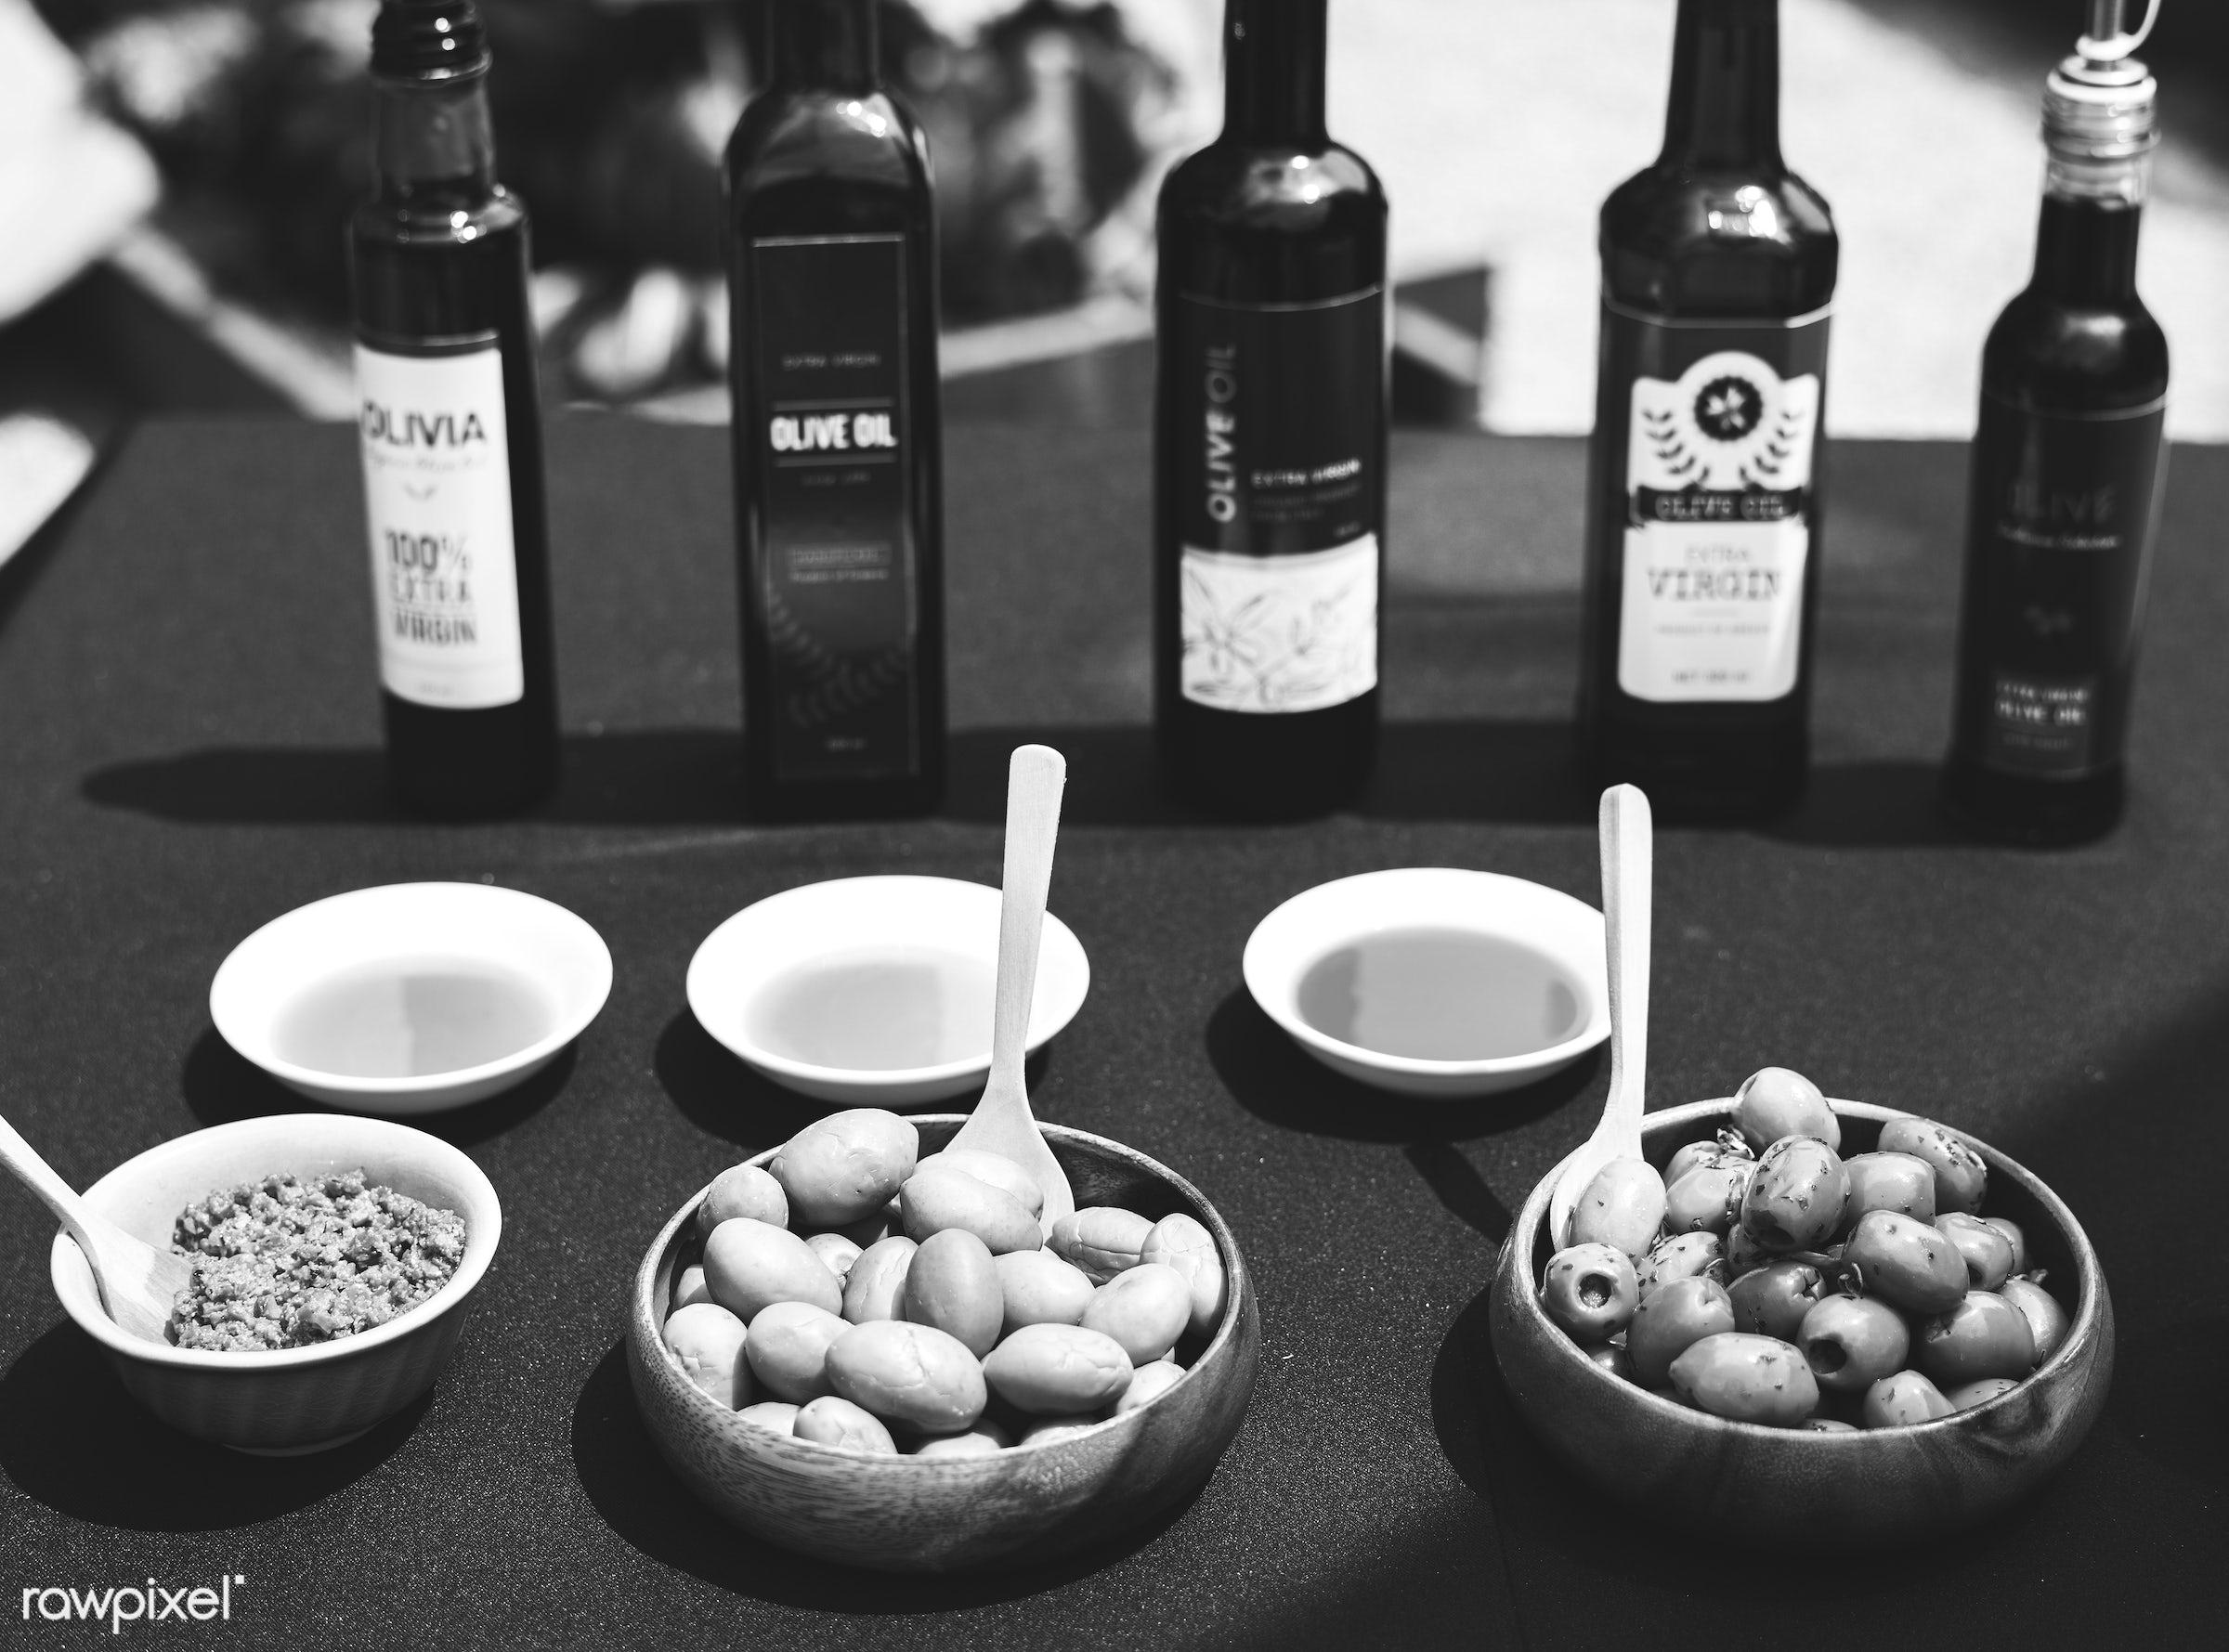 shop, nobody, stall, cuisine, goods, spoon, show, homemade, taste, olive, preserve, oil, fresh, lifestyle, virgin, various,...